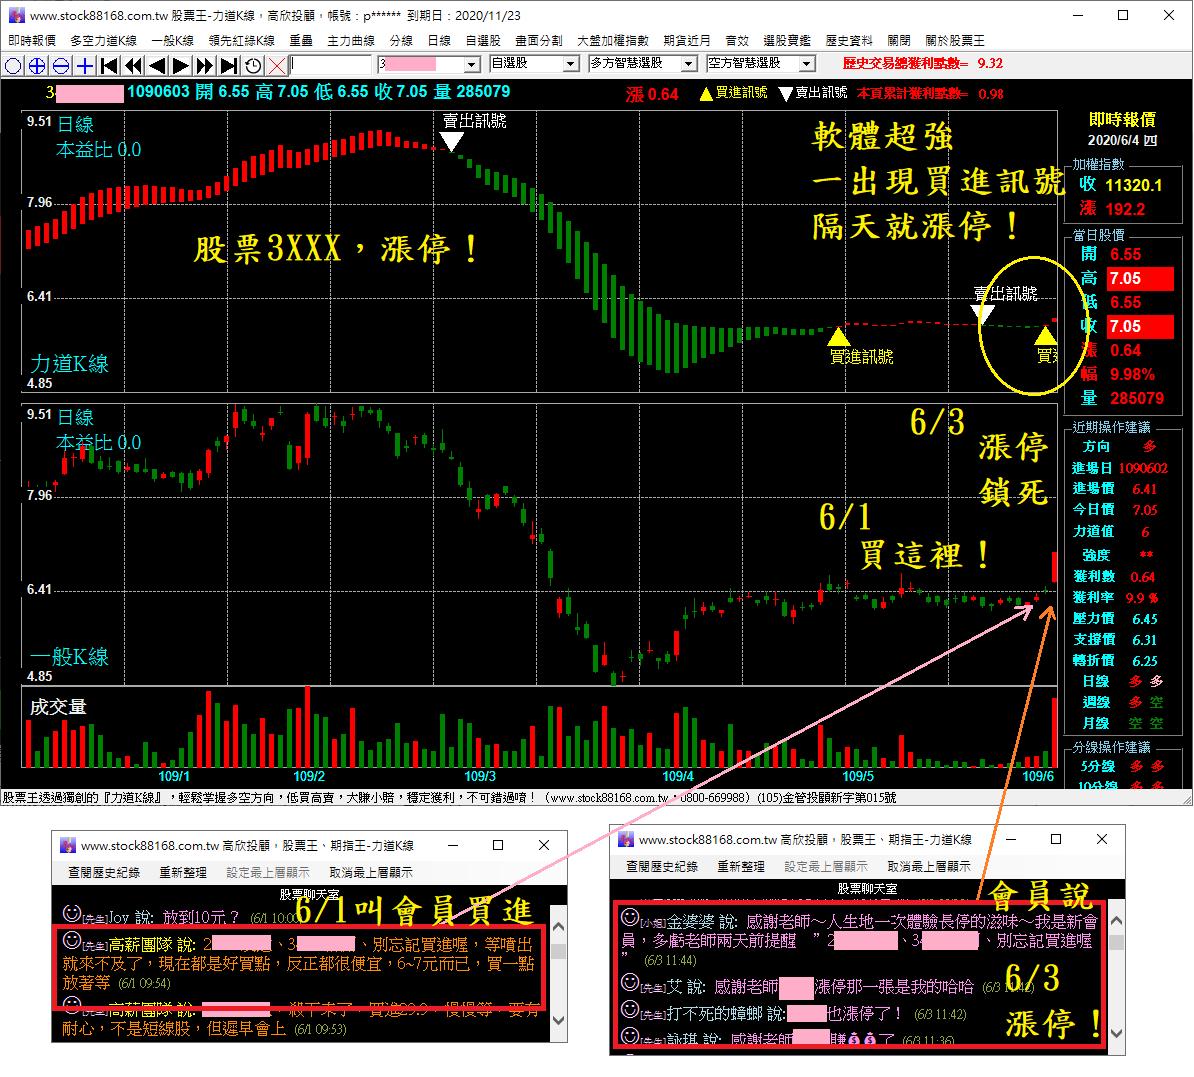 股票王、期指王-力道K線-主力曲線+神奇樓梯線: 看圖。股票。3XXX。漲停。四天前6/1叫大家買的